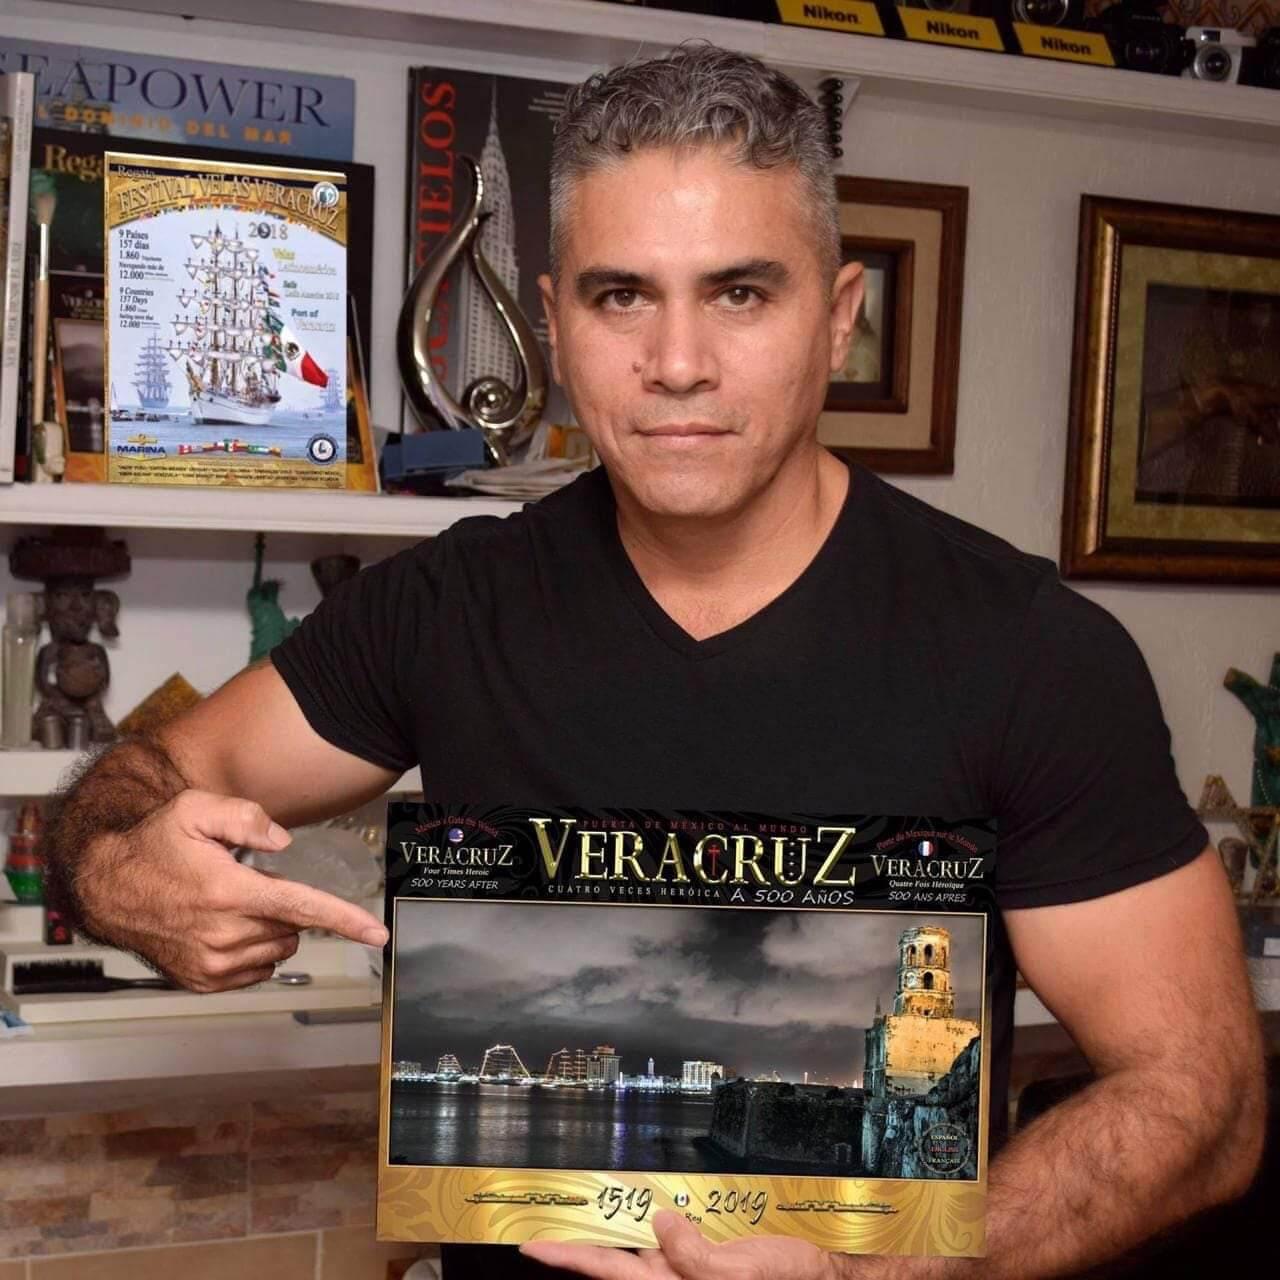 En conferencia de prensa efectuada en el centro de Veracruz, el fotógrafo profesional Juan Rey Casas, presentó una publicación especial, en donde él comparte en imágenes cómo es visto Veracruz, a 500 años de su fundación; de su historia.